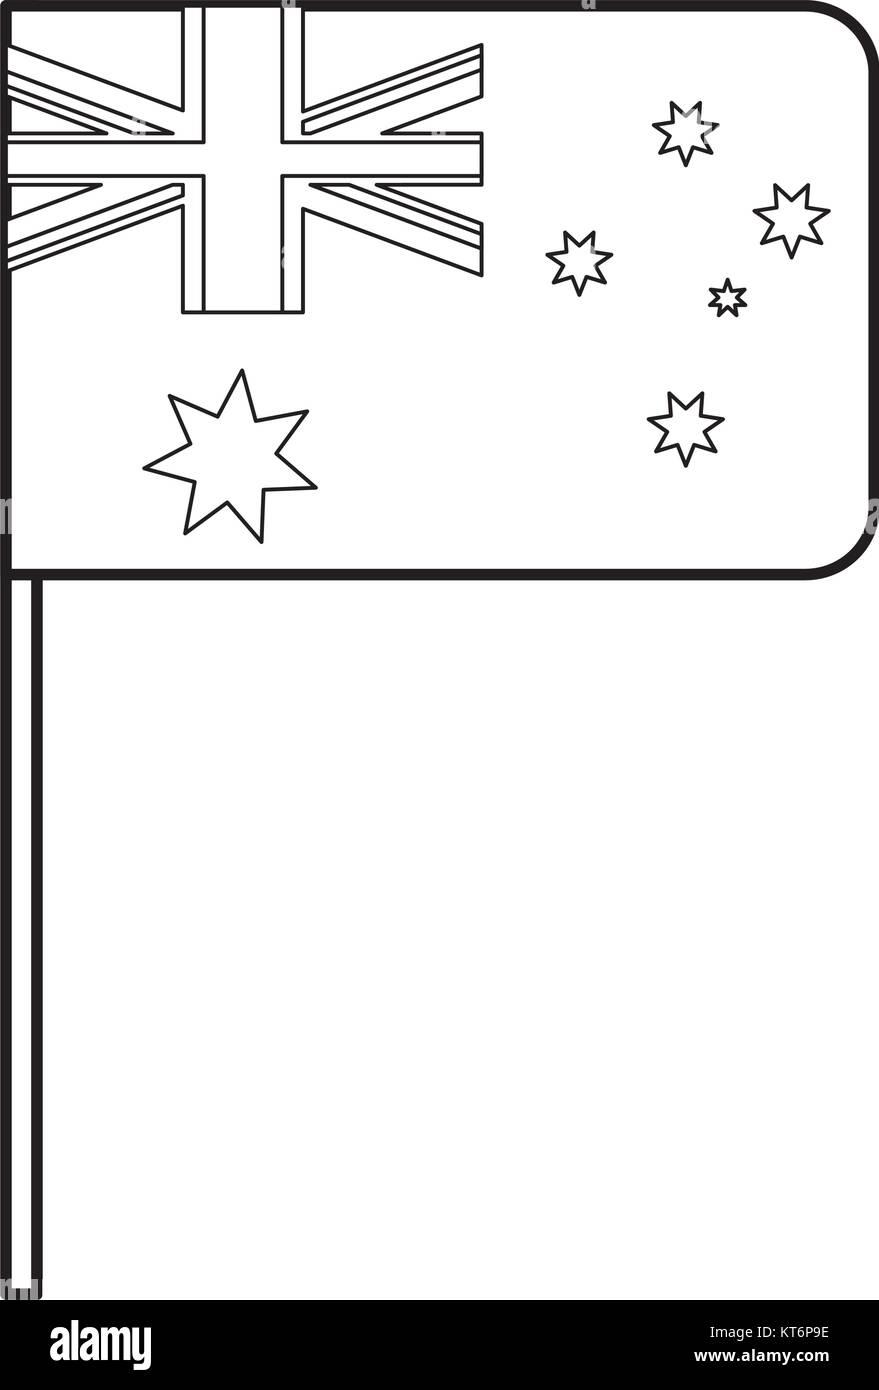 flag of australia  vector illustration - Stock Image